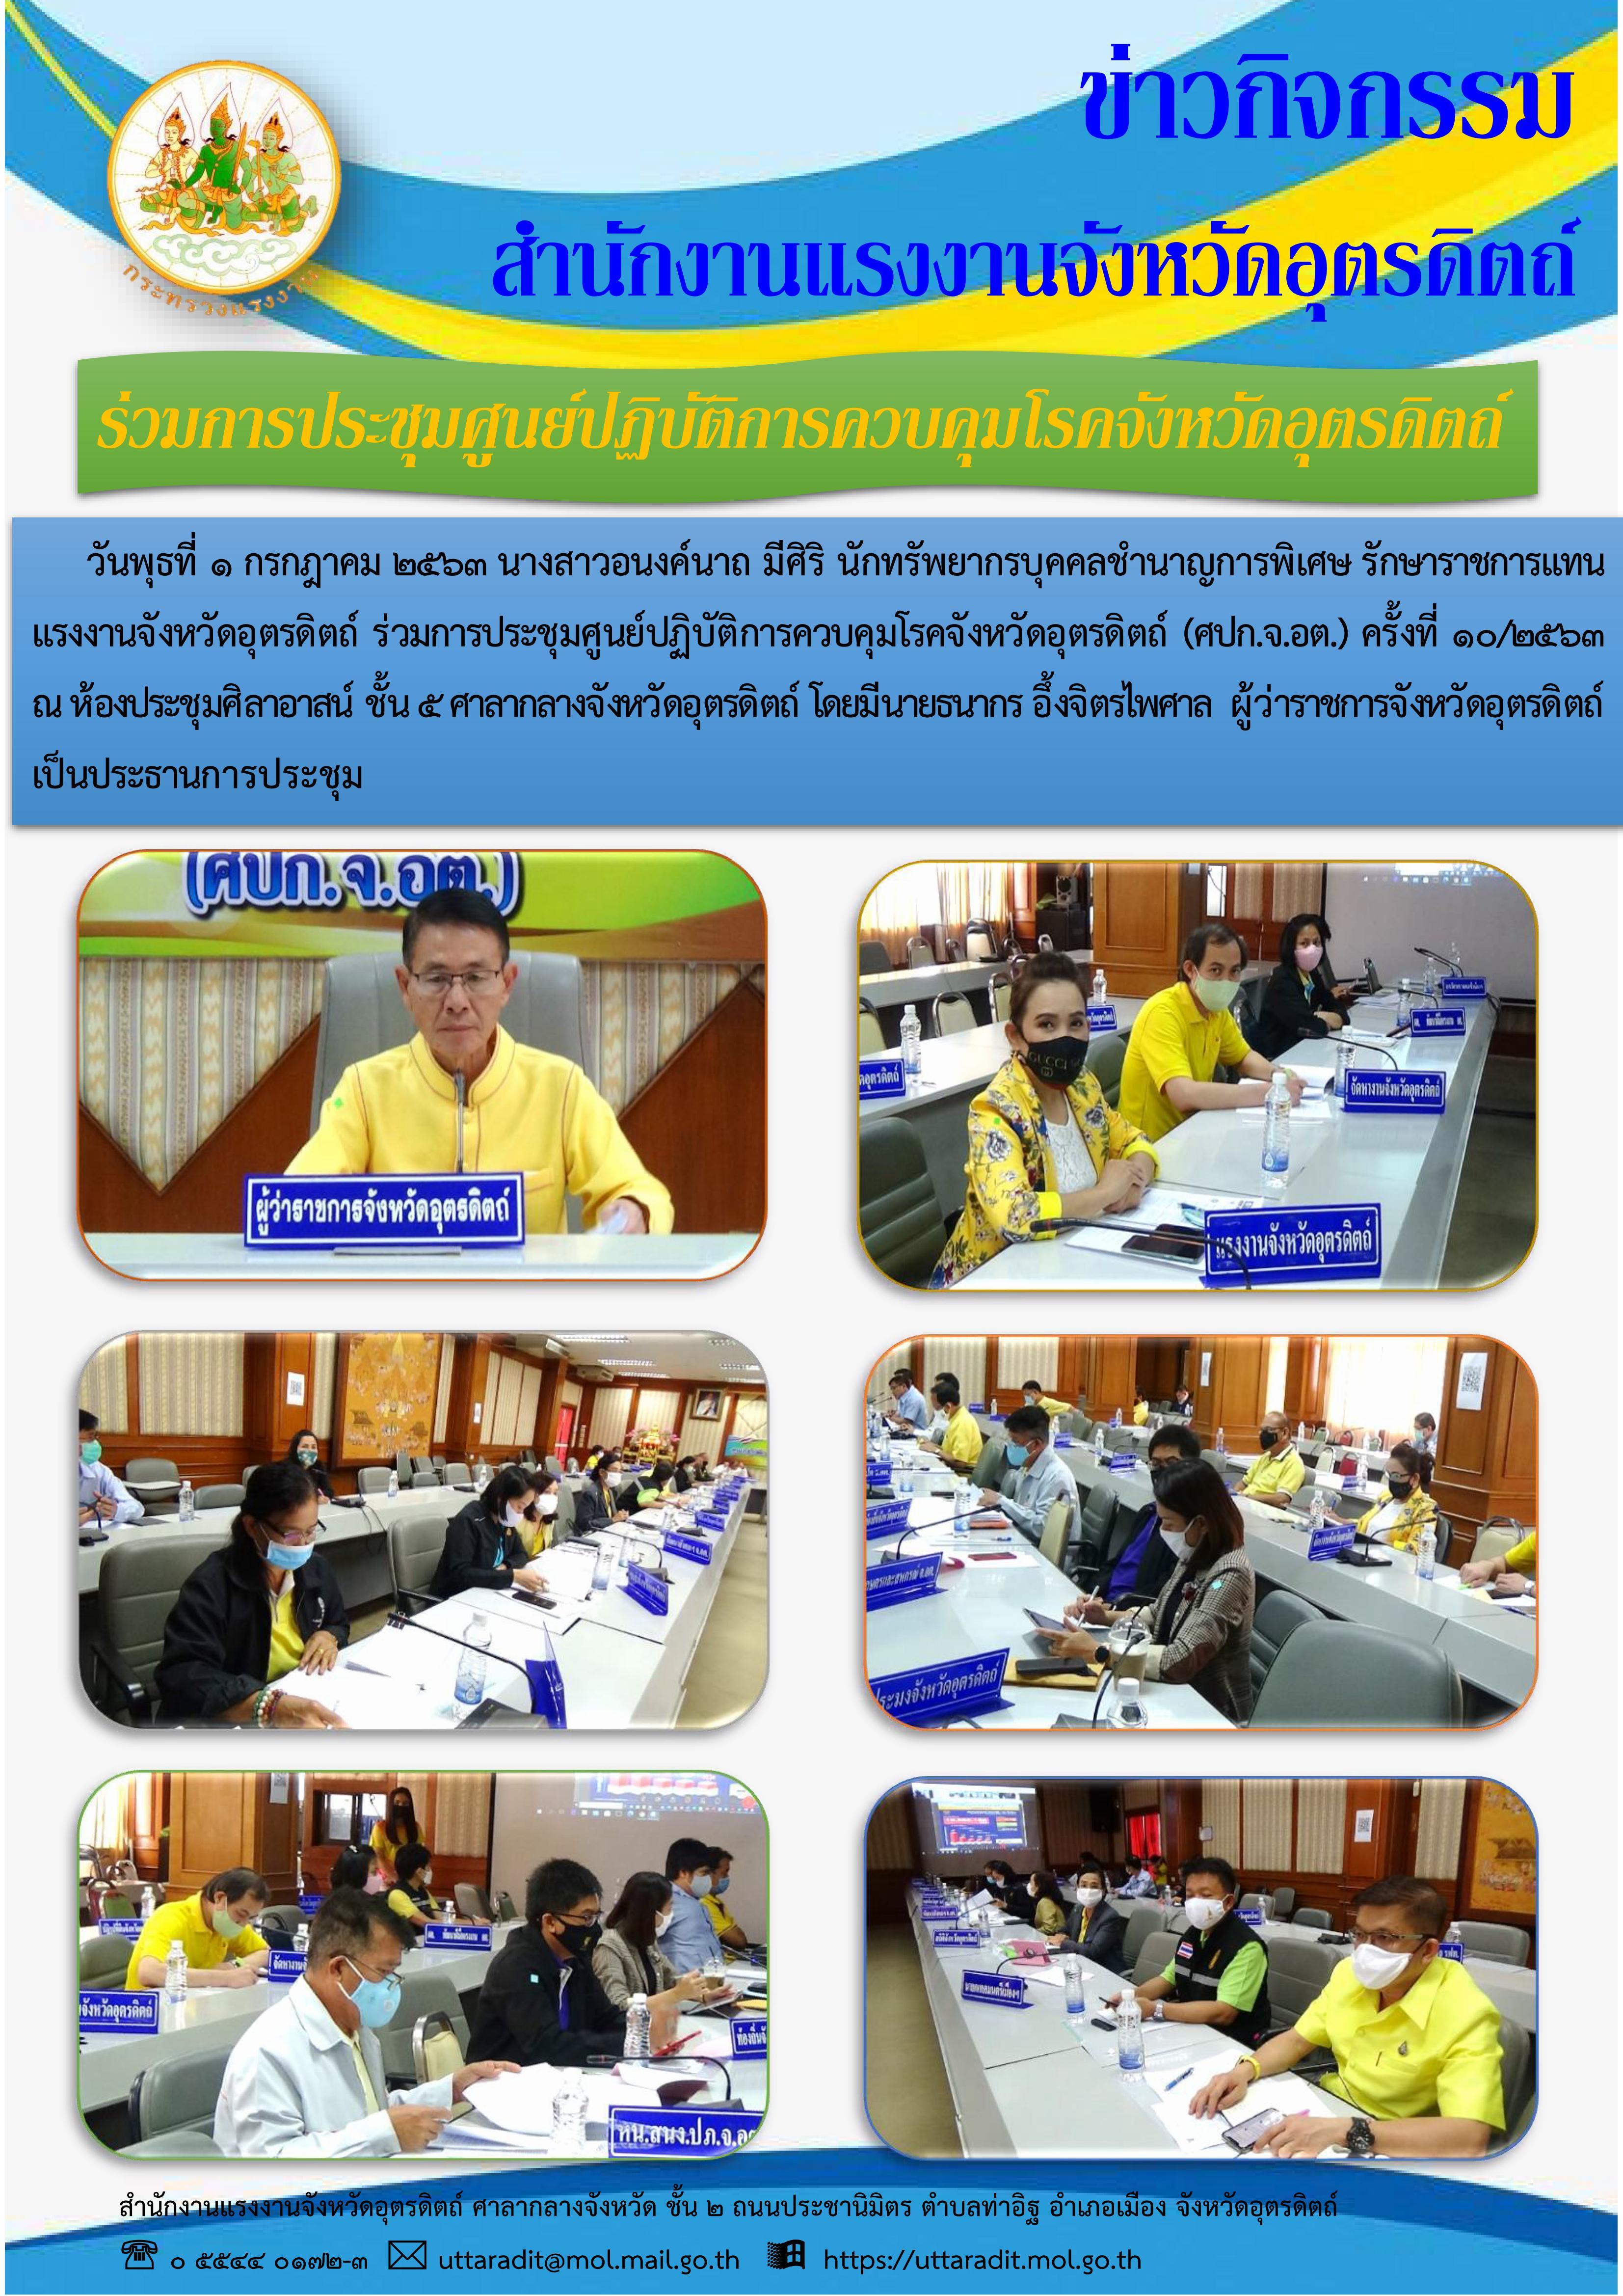 ร่วมการประชุมศูนย์ปฏิบัติการควบคุมโรคจังหวัดอุตรดิตถ์ ครั้งที่ 10/2563